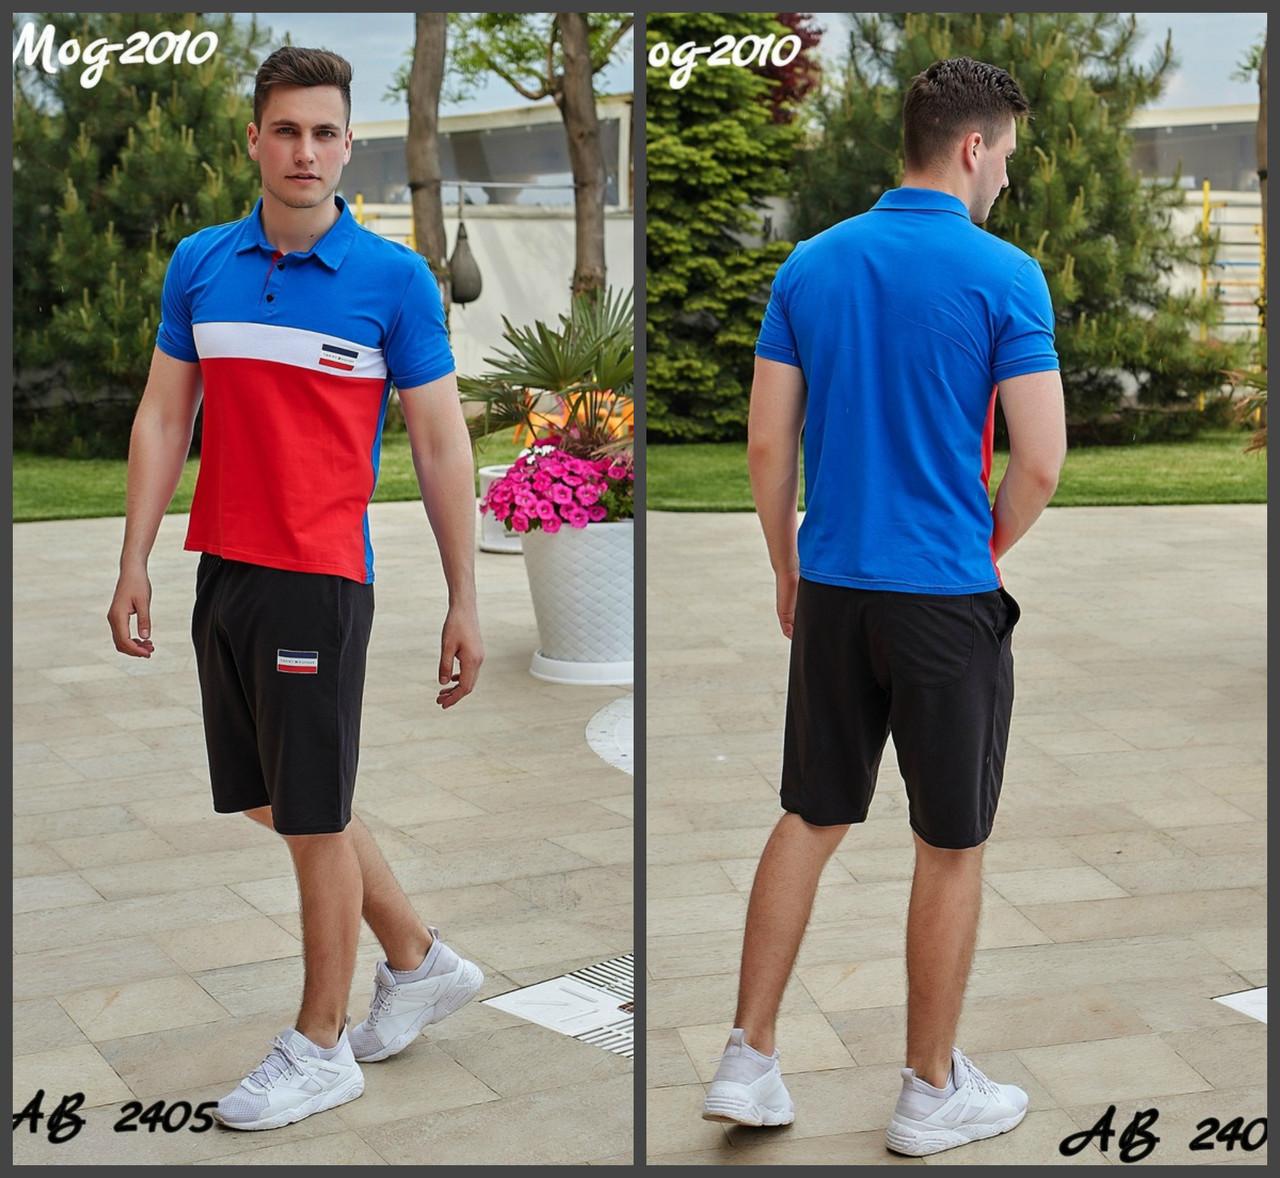 e0004abfeb998 Мужской летний спортивный костюм футболка+шорты турецкая двухнить+коттон  стрейч размеры:48,